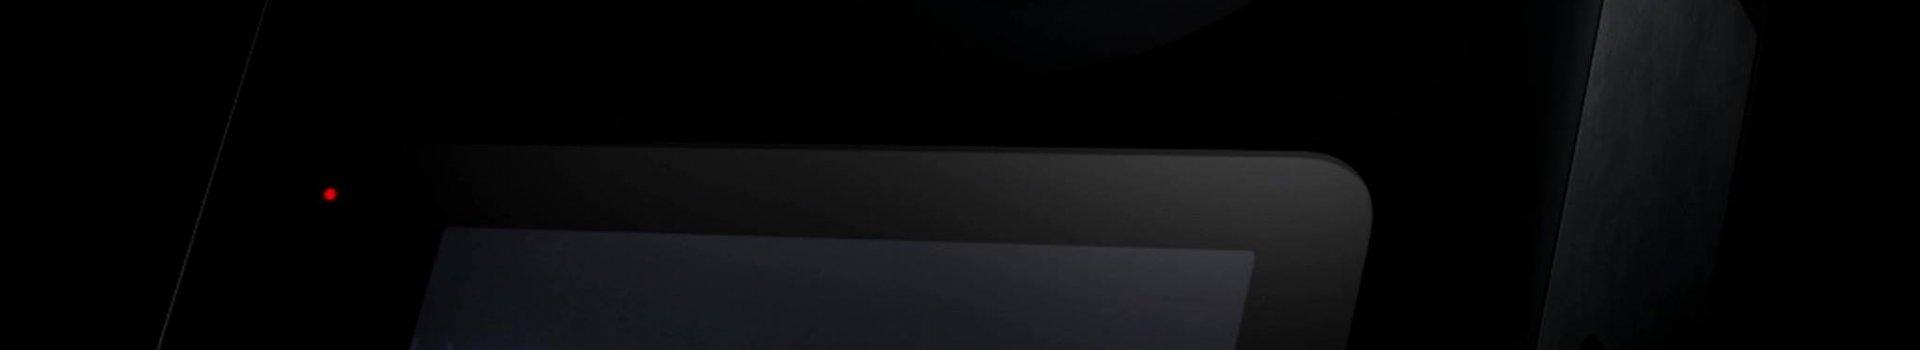 GoPro Hero – uwiecznij swoje szusy jak nigdy wcześniej